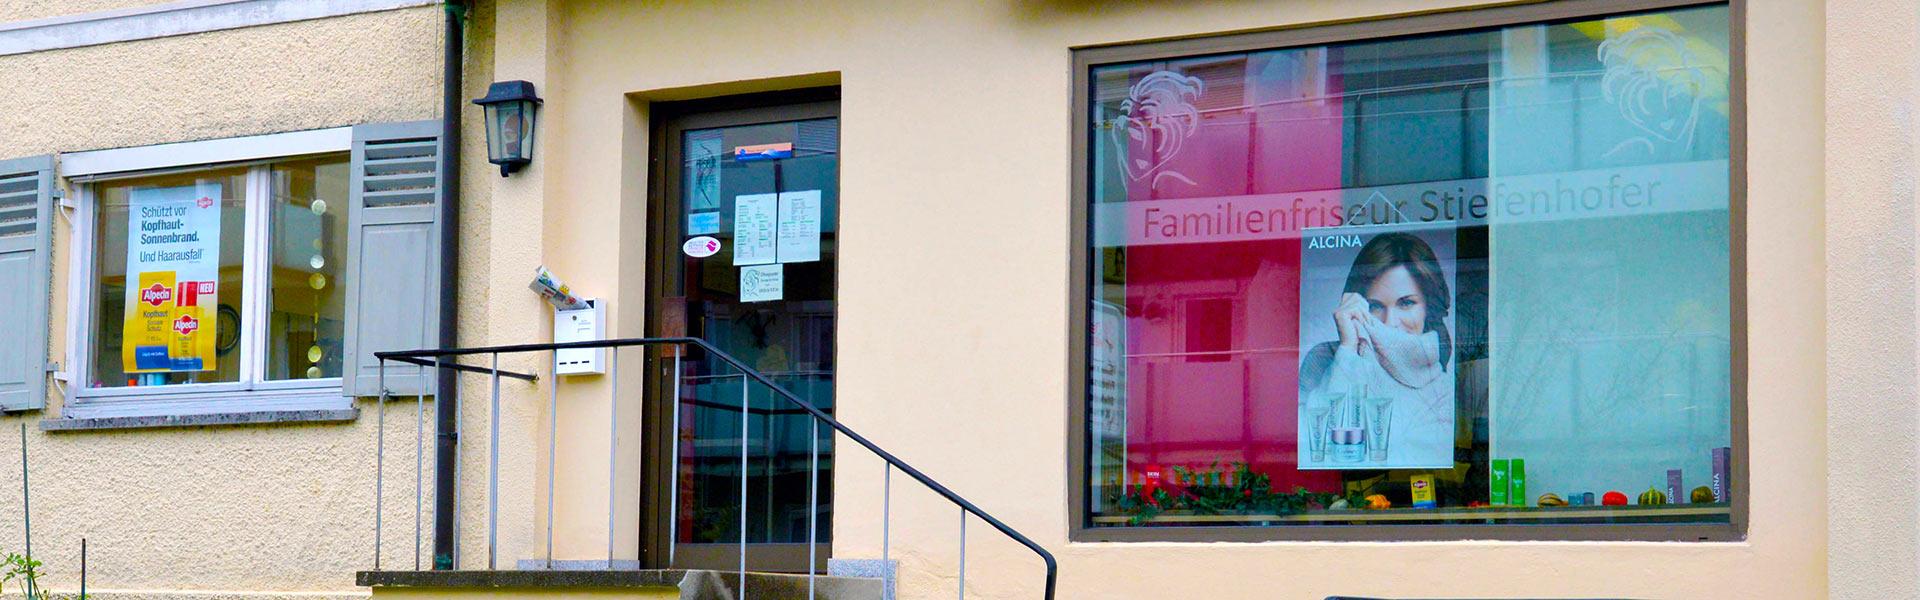 Kontakt und Anfahrt zu Friseur Stiefenhofer in Lindau